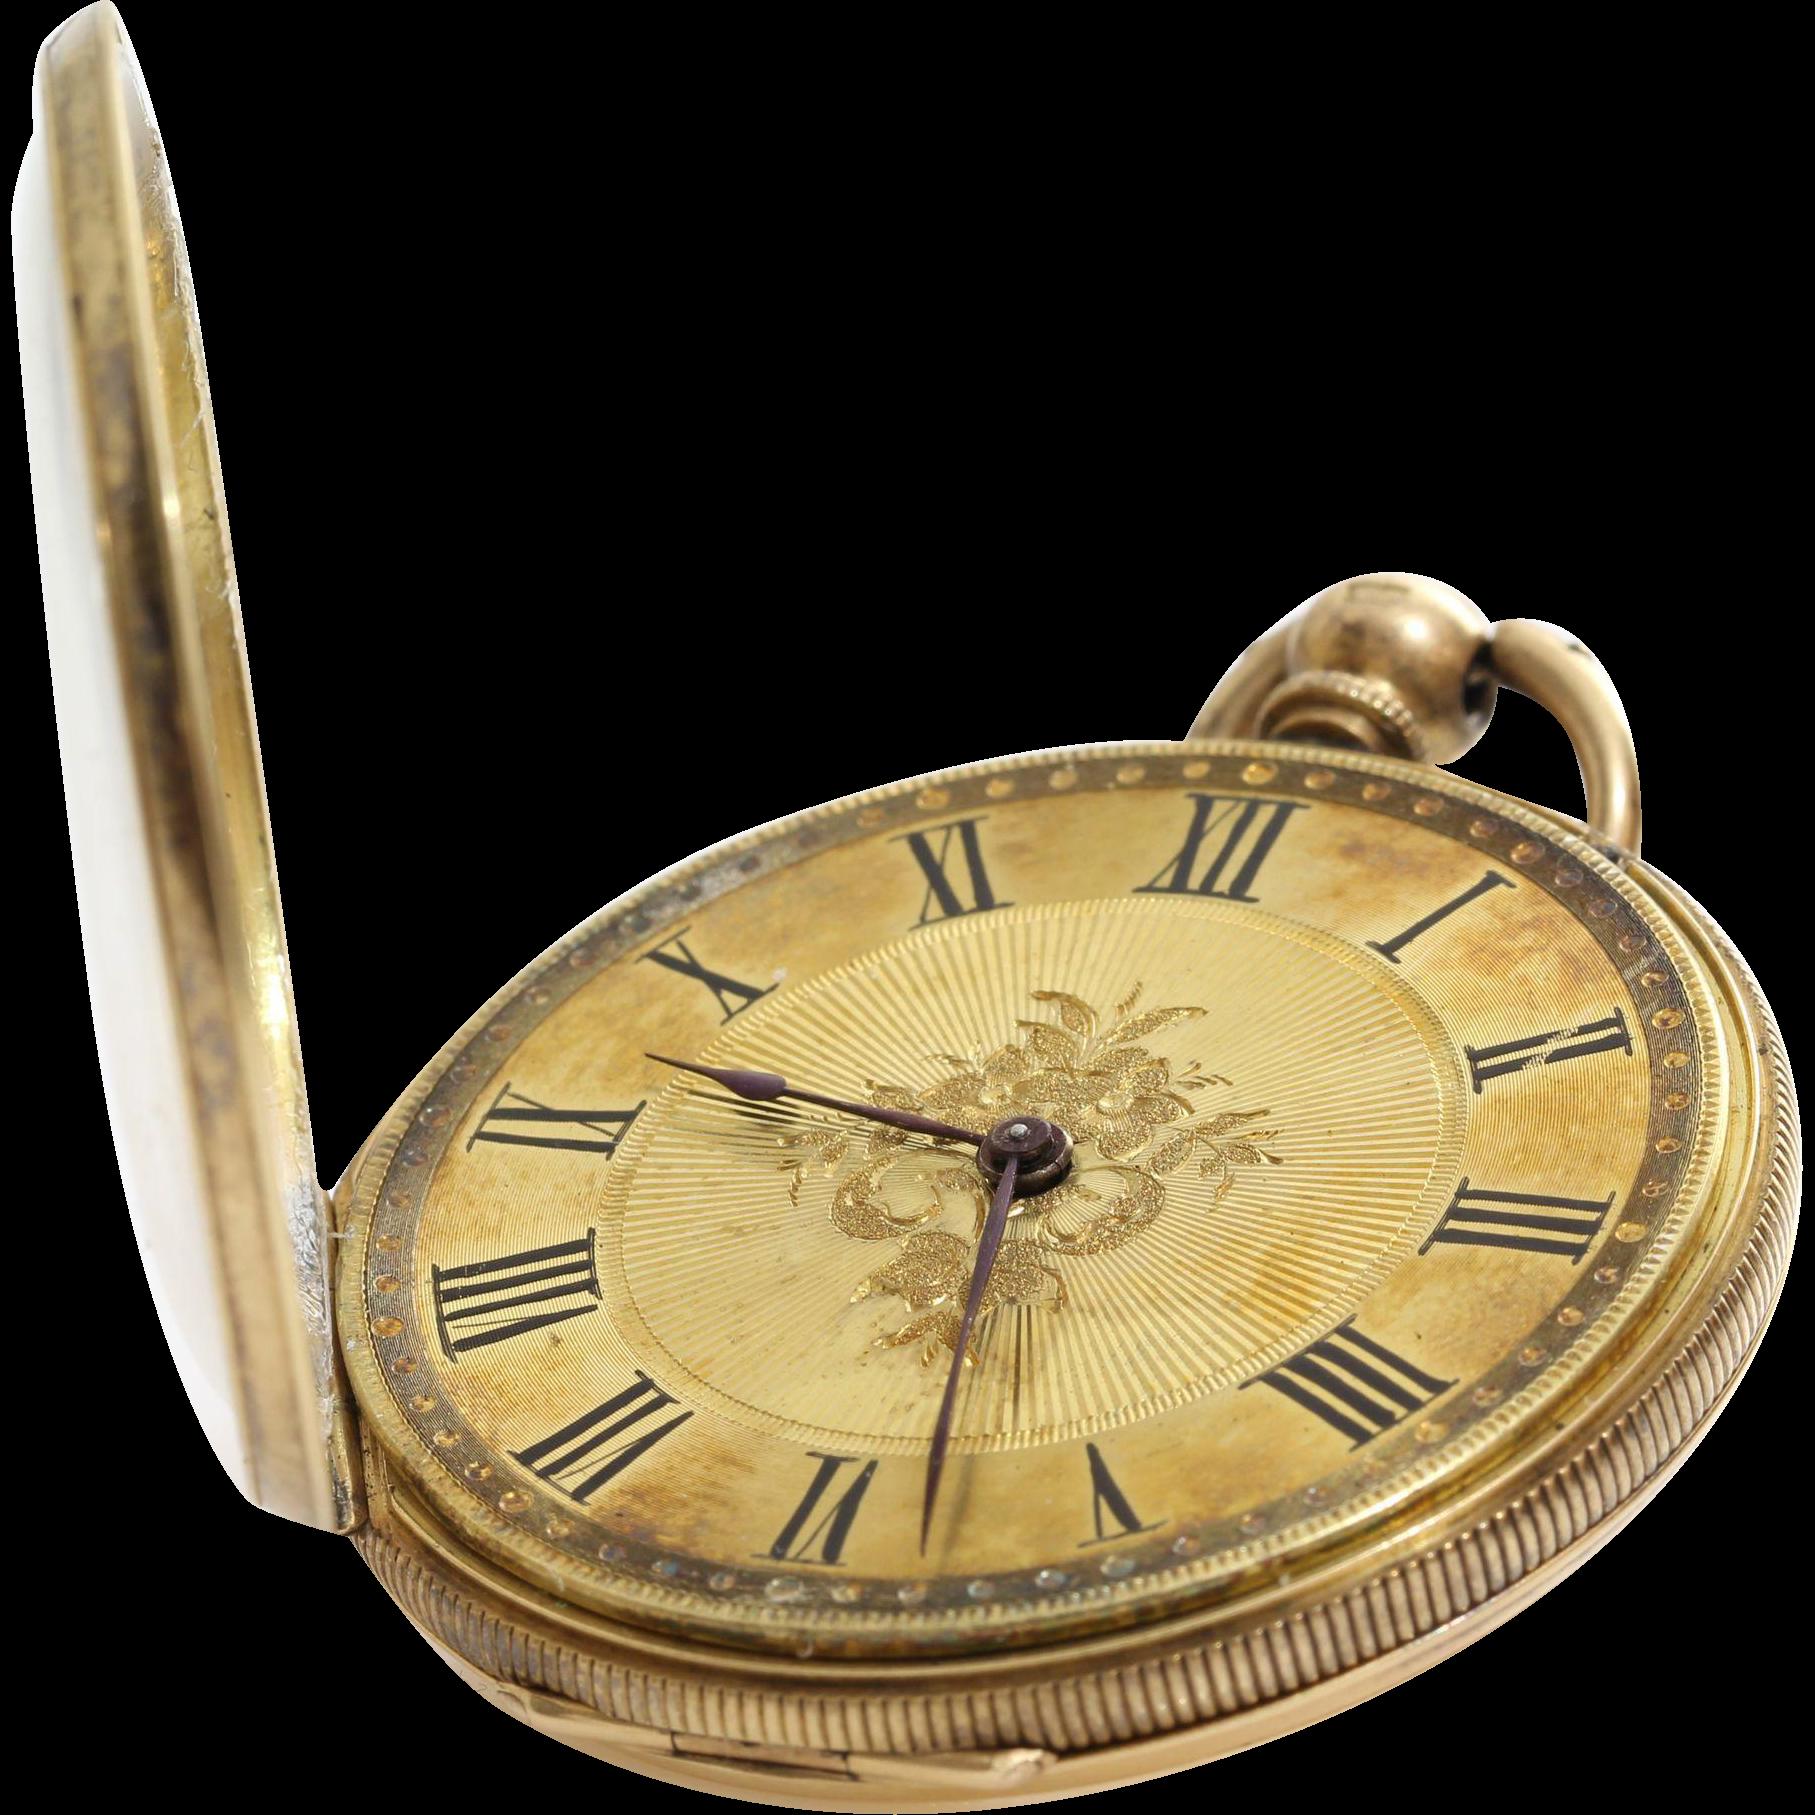 Antique Gold Pocket Watch 18k Open Face Key Wind Roman Numerals Pocket Watch Antique Gold Pocket Watch Pocket Watch